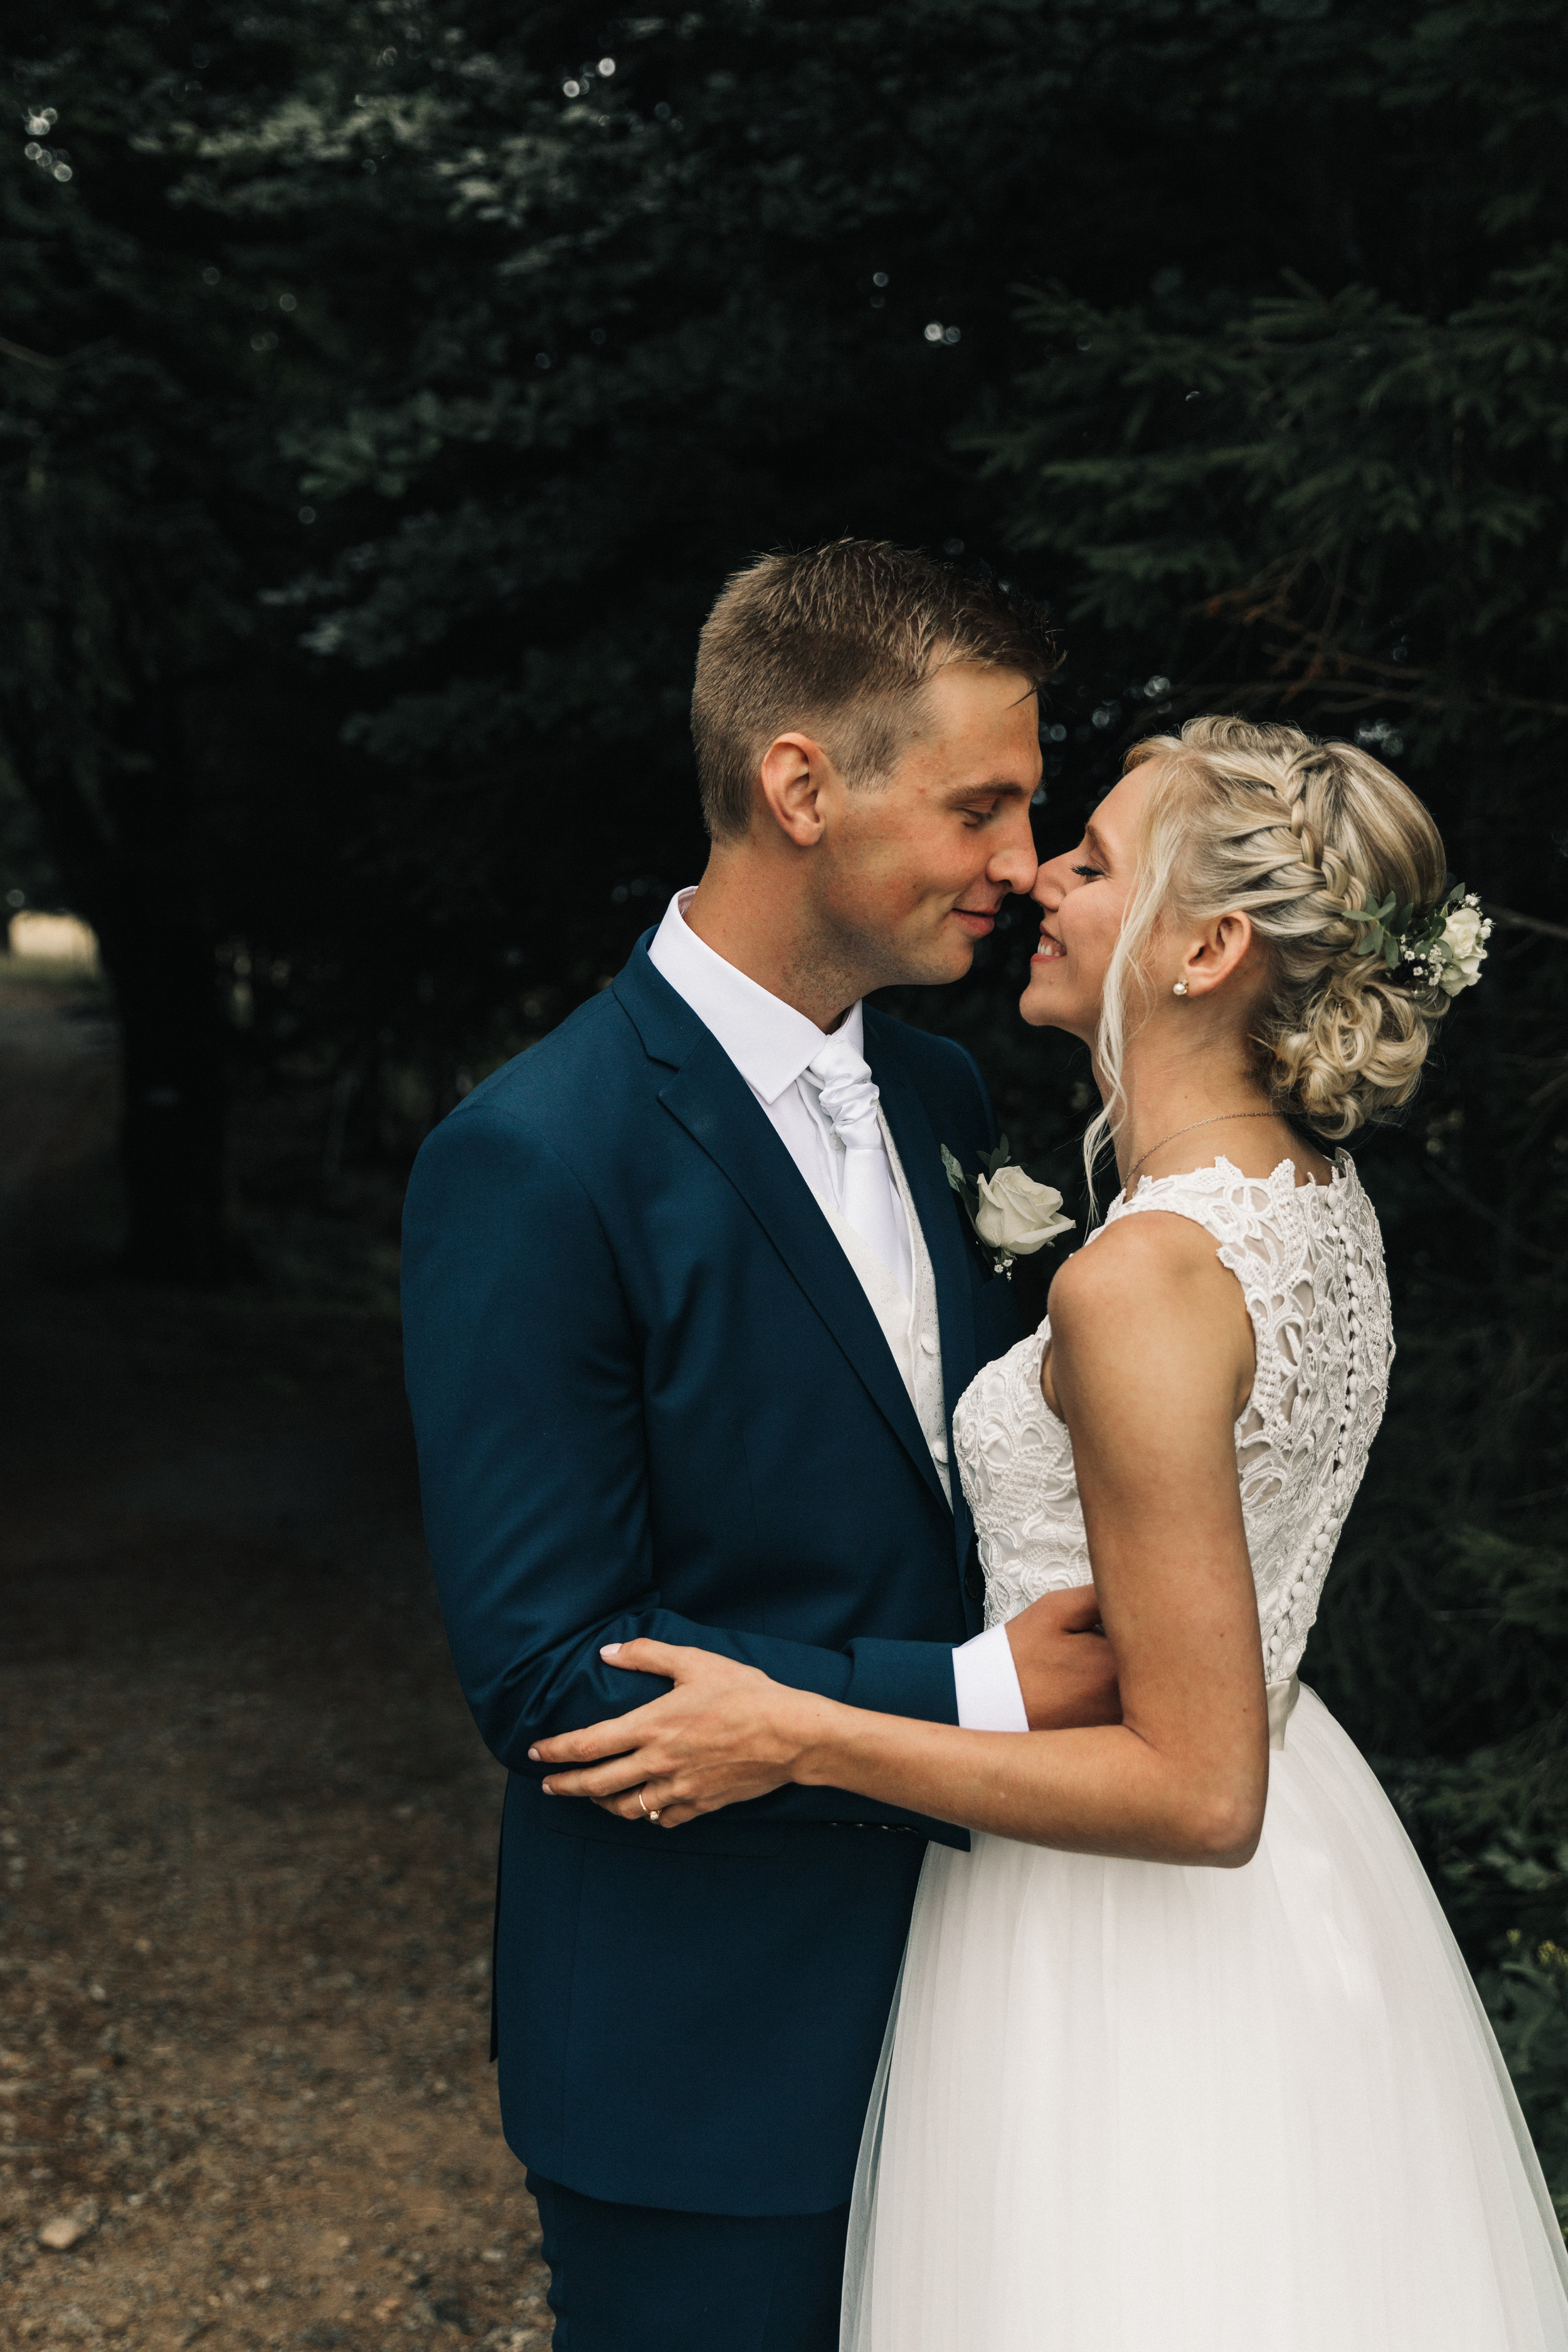 165-ltw-eva-kris-wedding.jpg